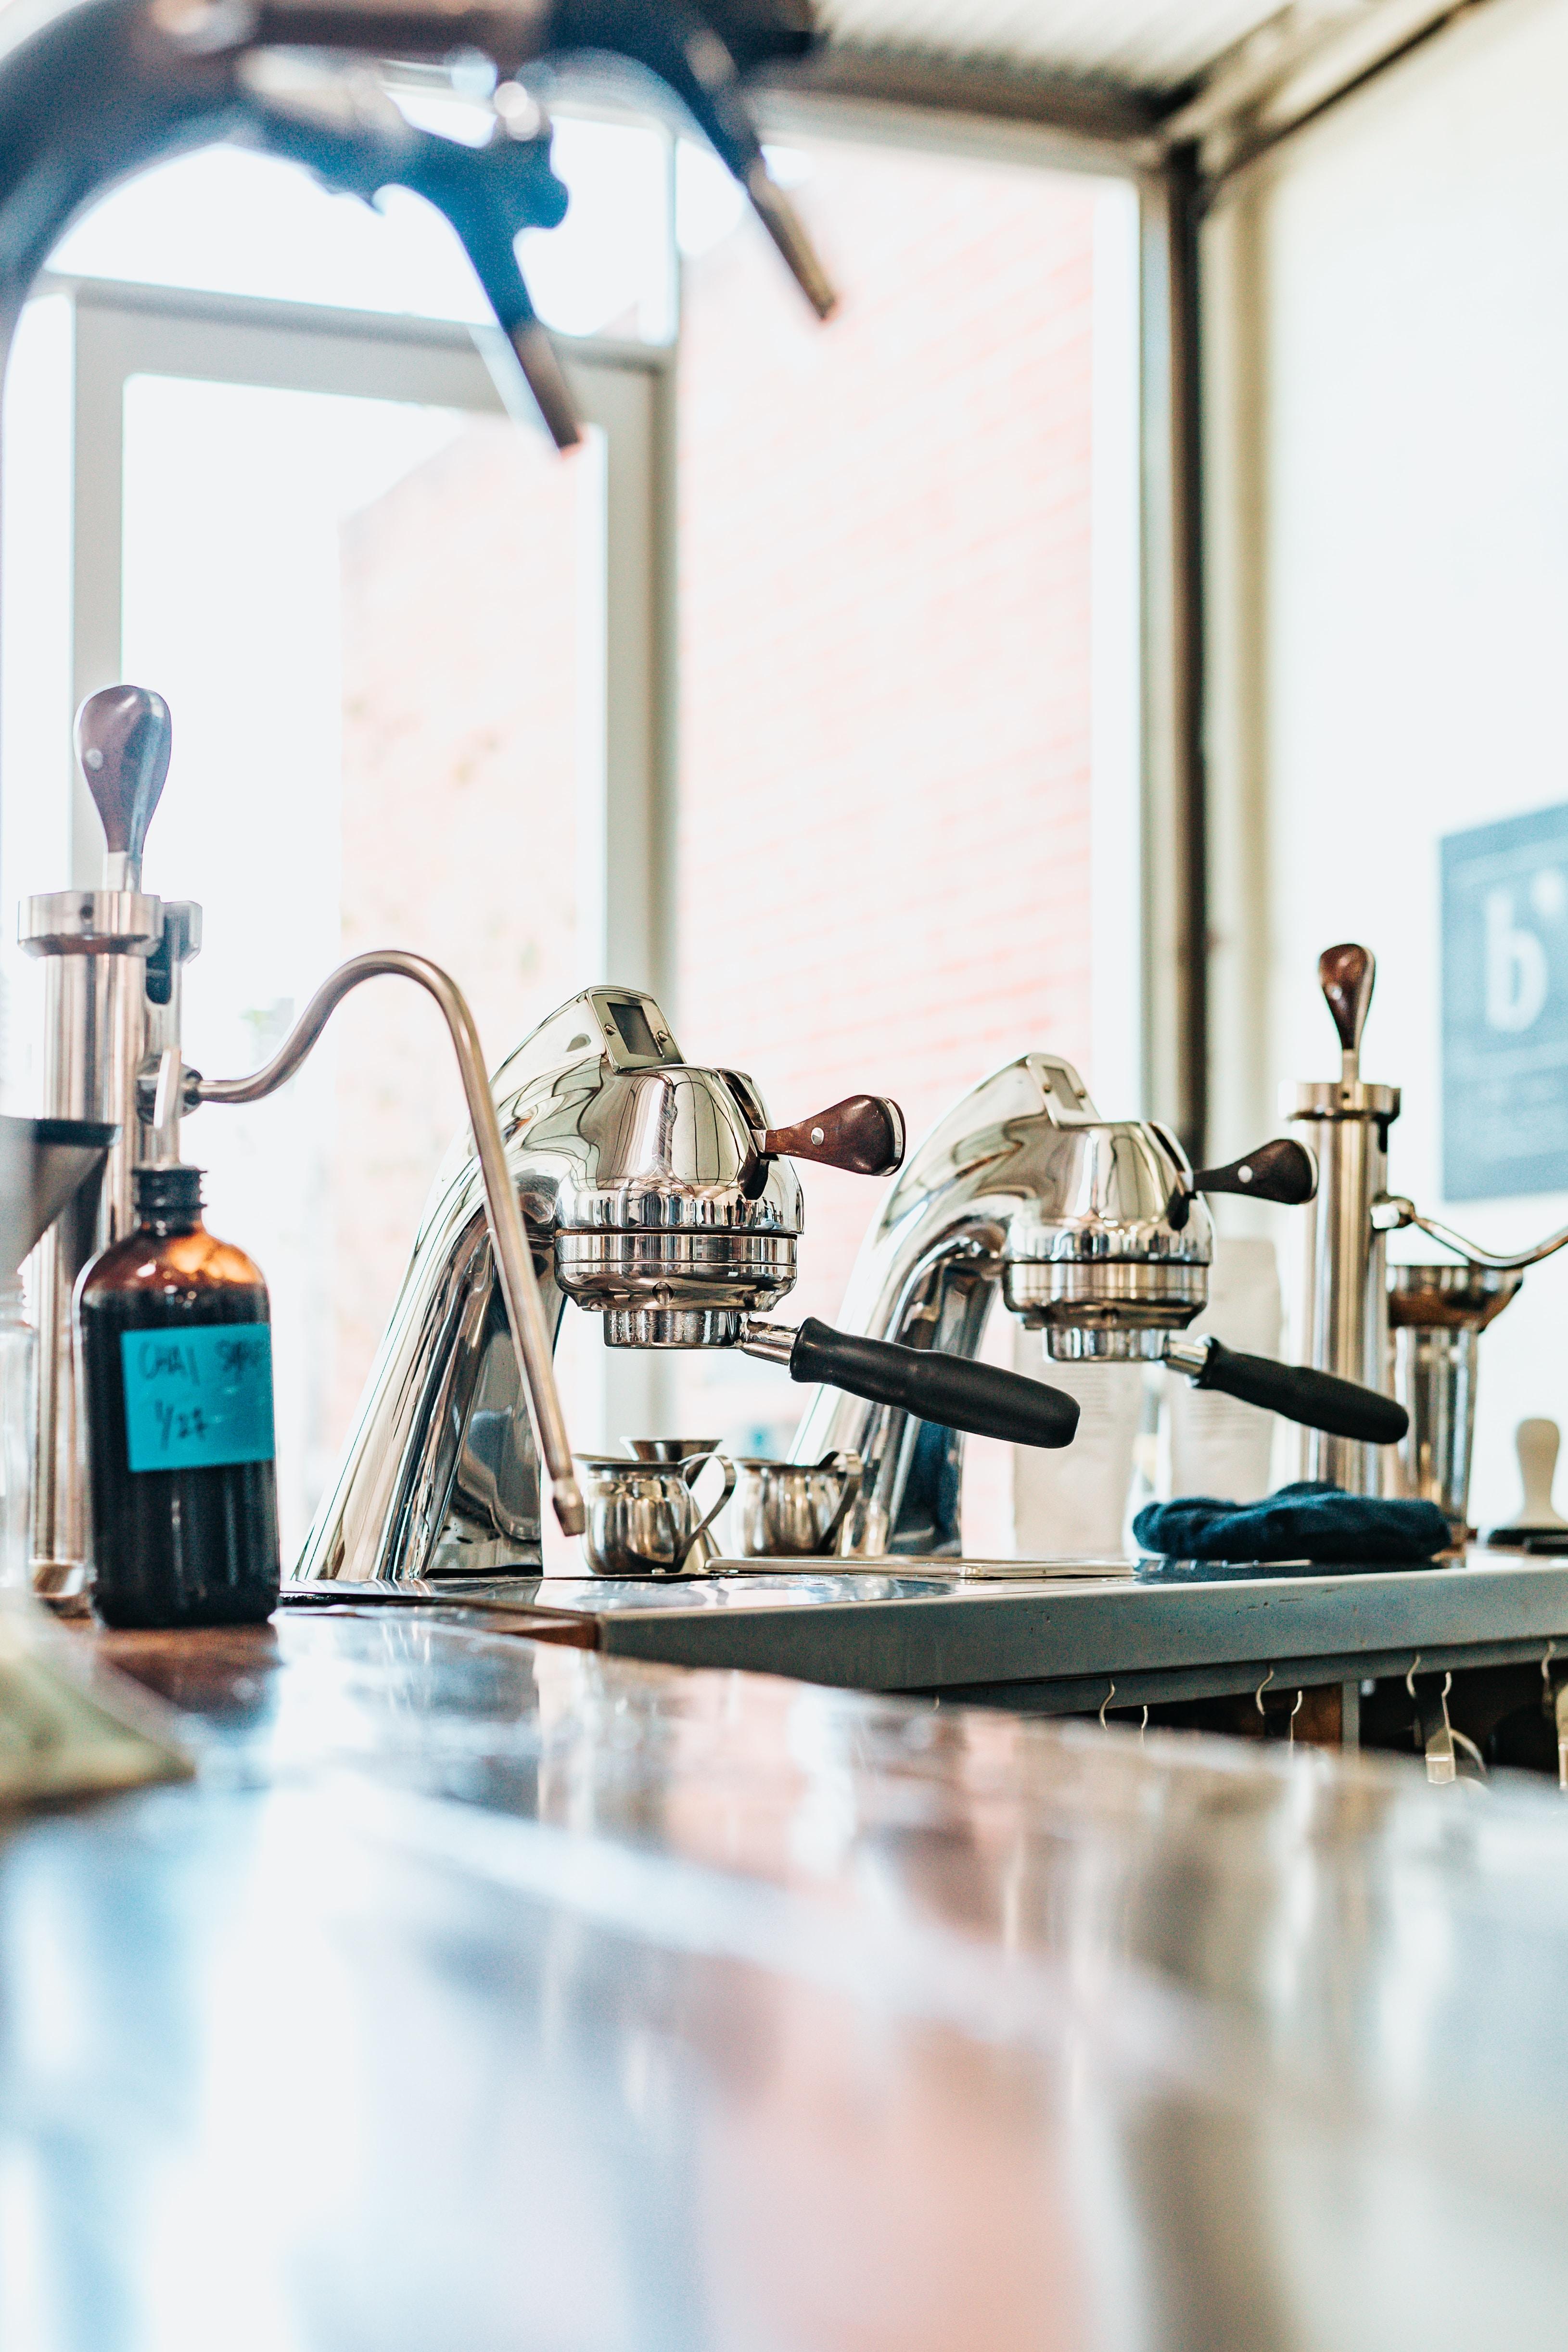 coffeemaker on table